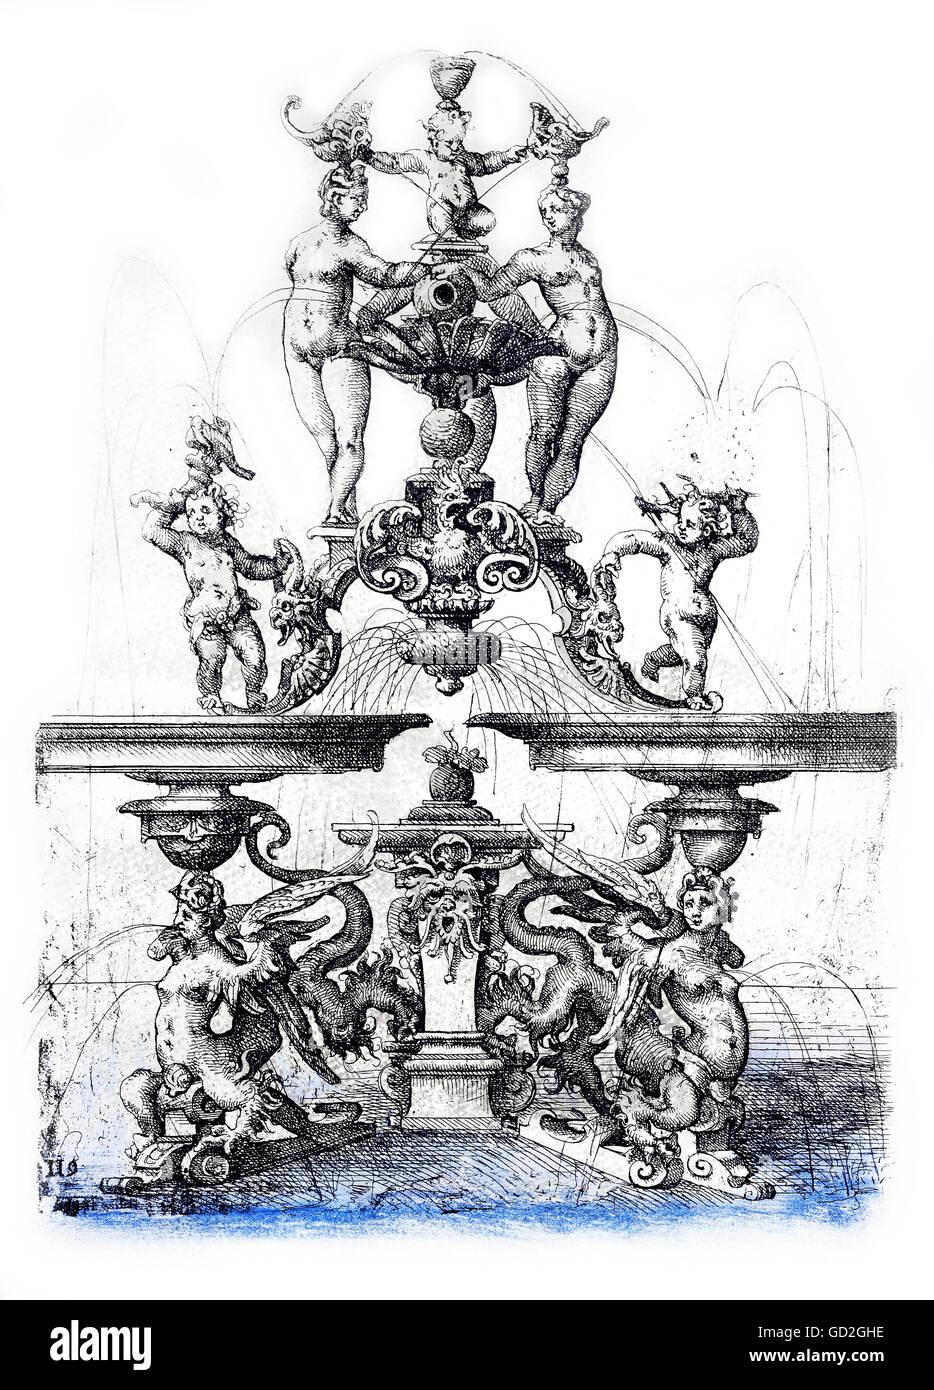 Belle arti, Dietterlin Wendel (1550 / 1551 - 1599), attacco chimico, un concetto per un fontana, da: 'Architectura', Immagini Stock